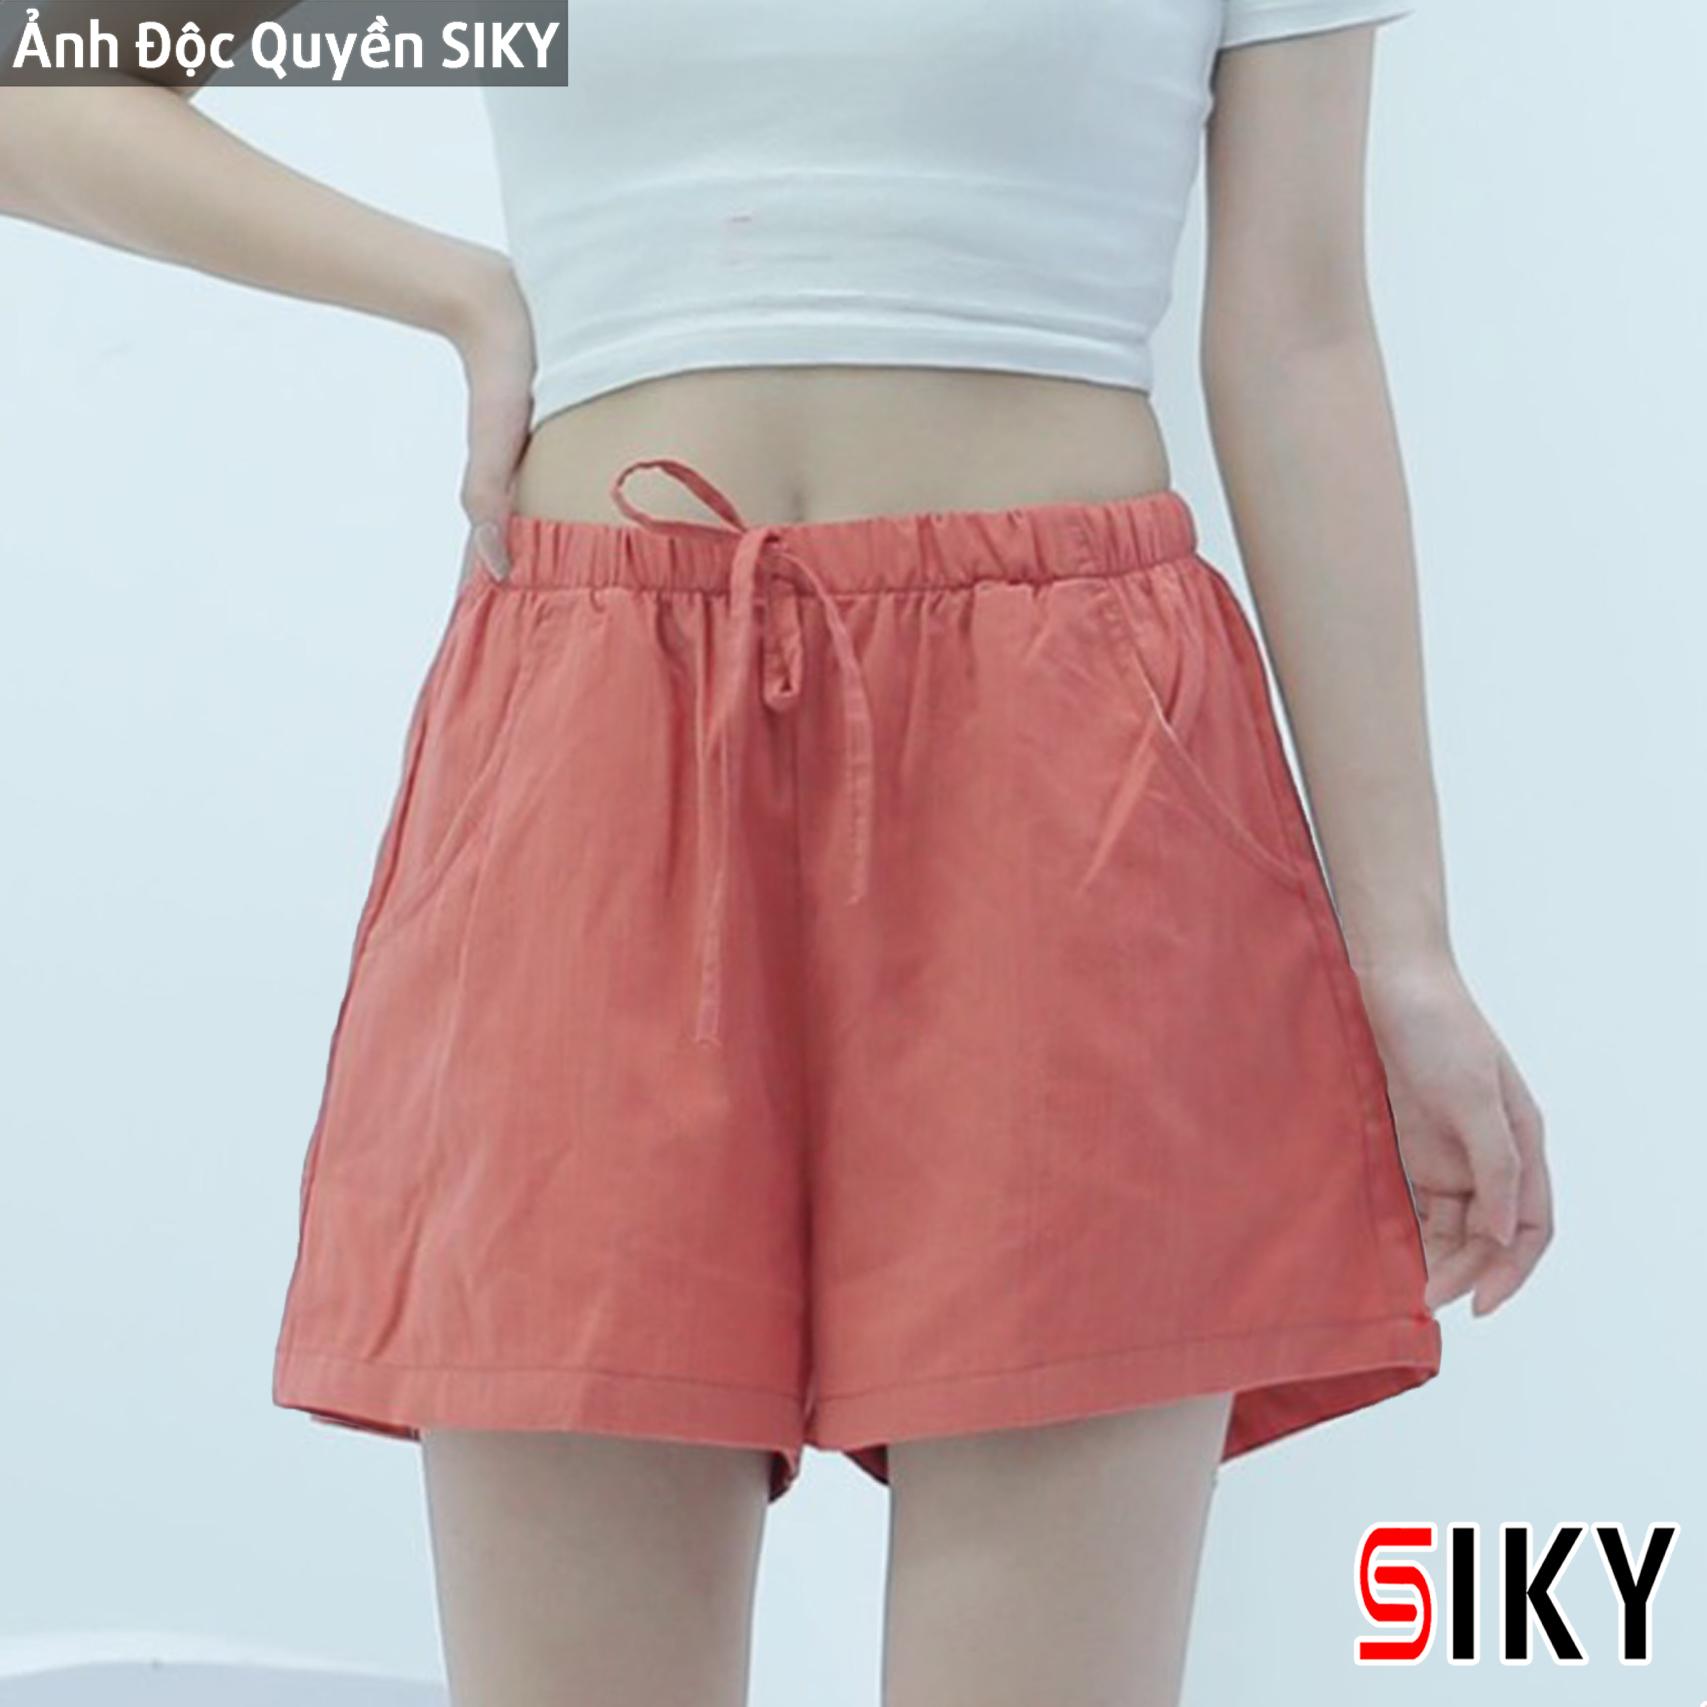 Quần short đũi, quần shorts nữ - Siky